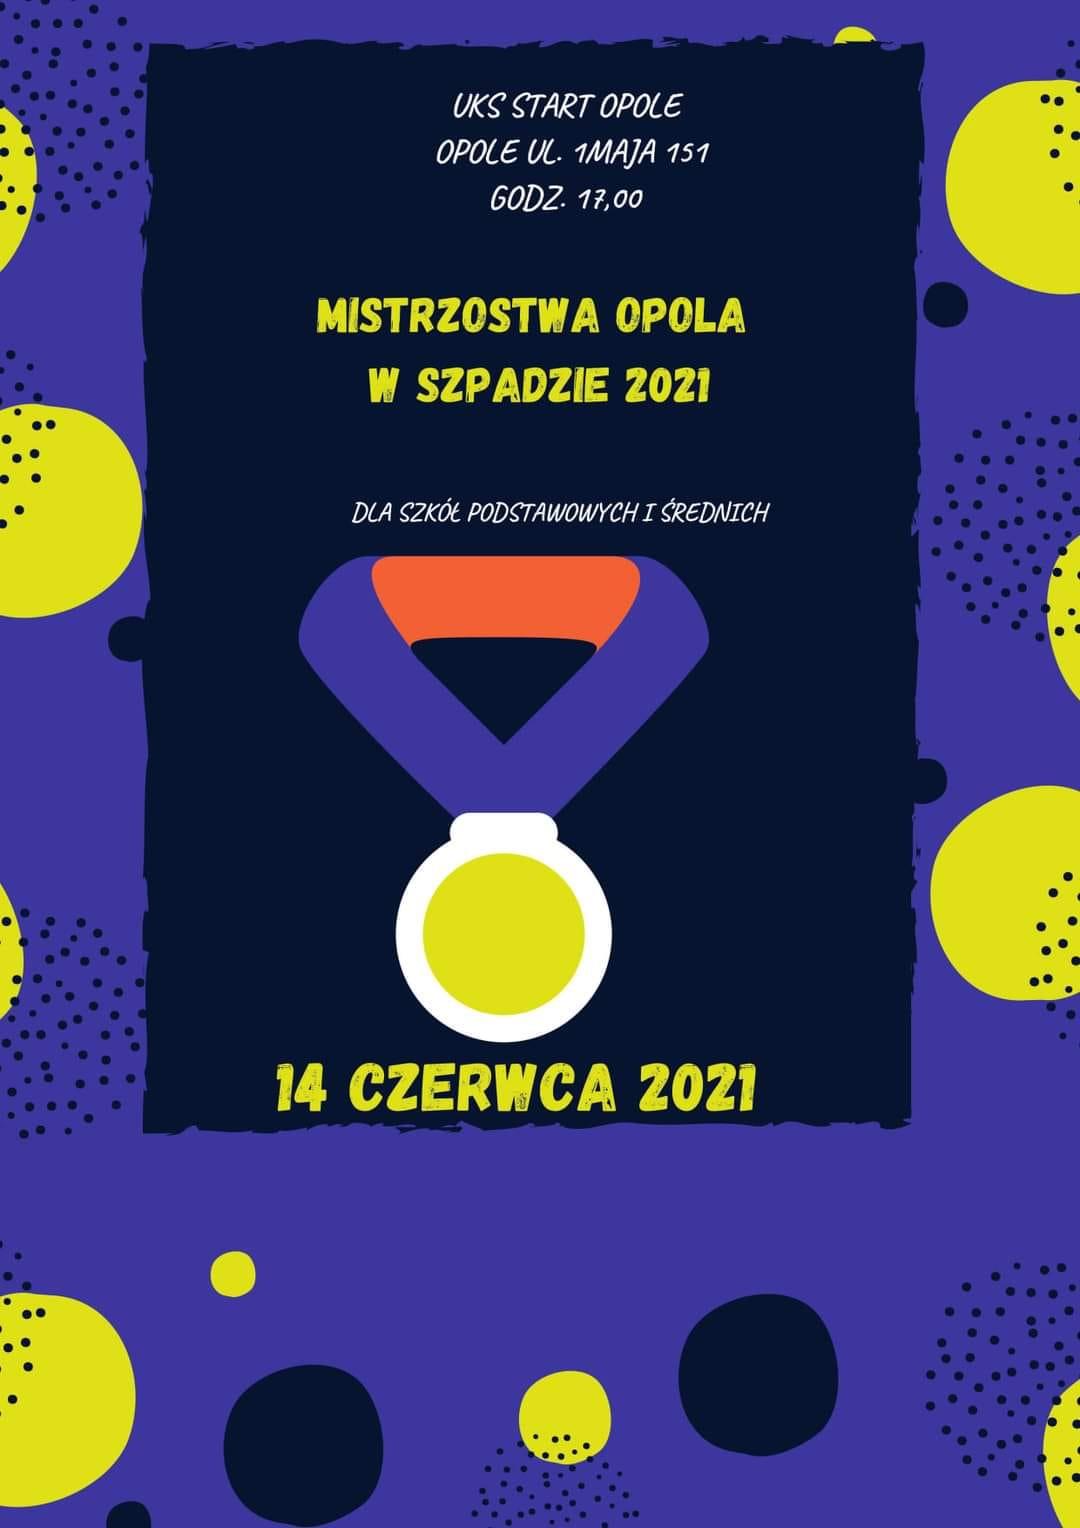 Mistrzostwa Opola w Szpadzie 2021 [materiały organizatora]